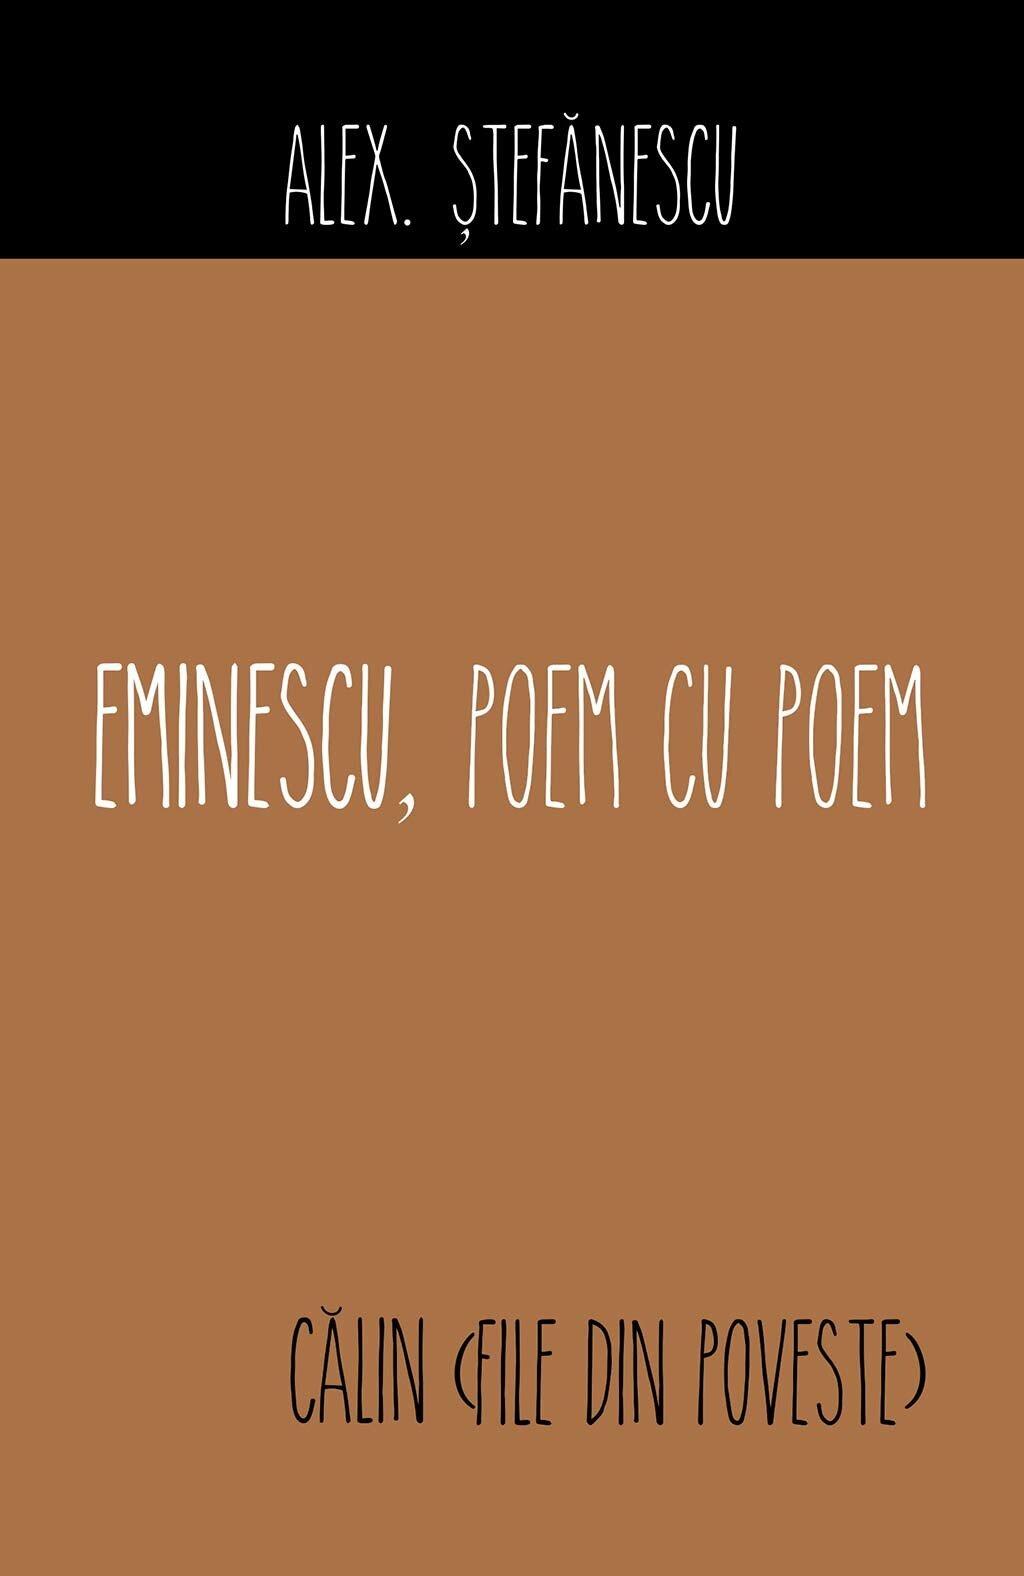 Eminescu, poem cu poem. Calin (File din poveste) (eBook)